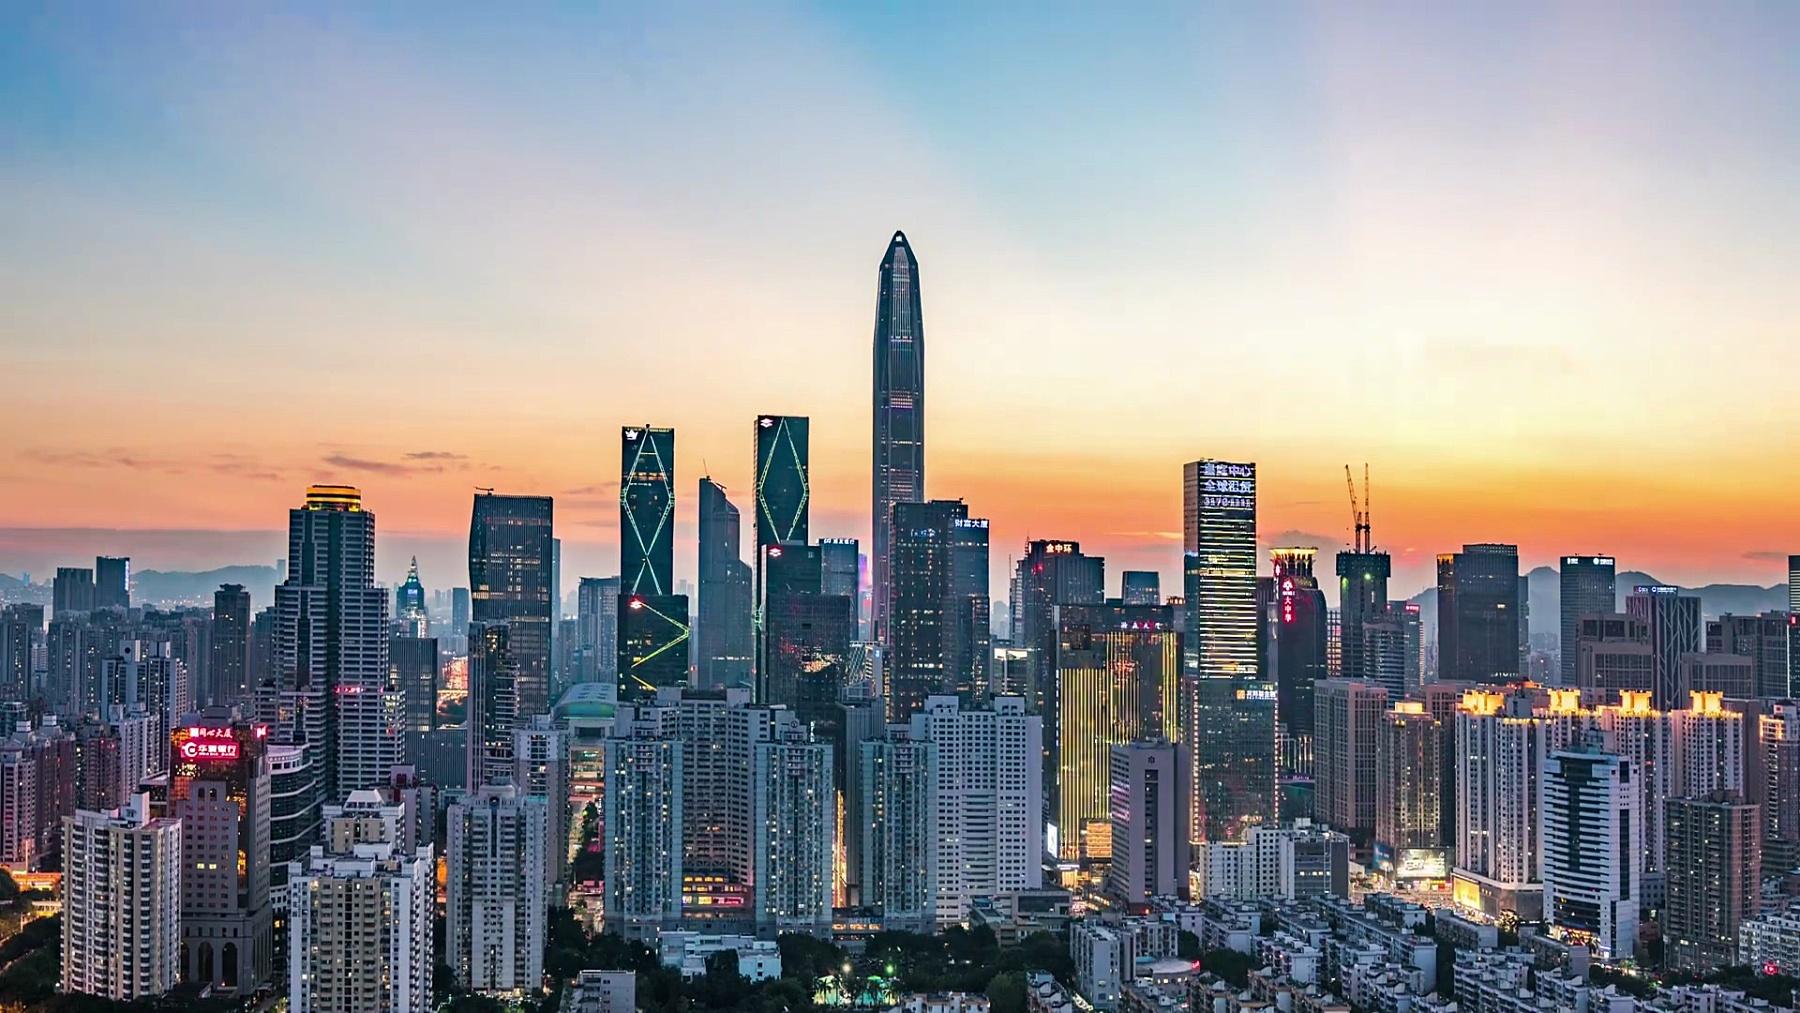 深圳现代建筑外墙,延时摄影